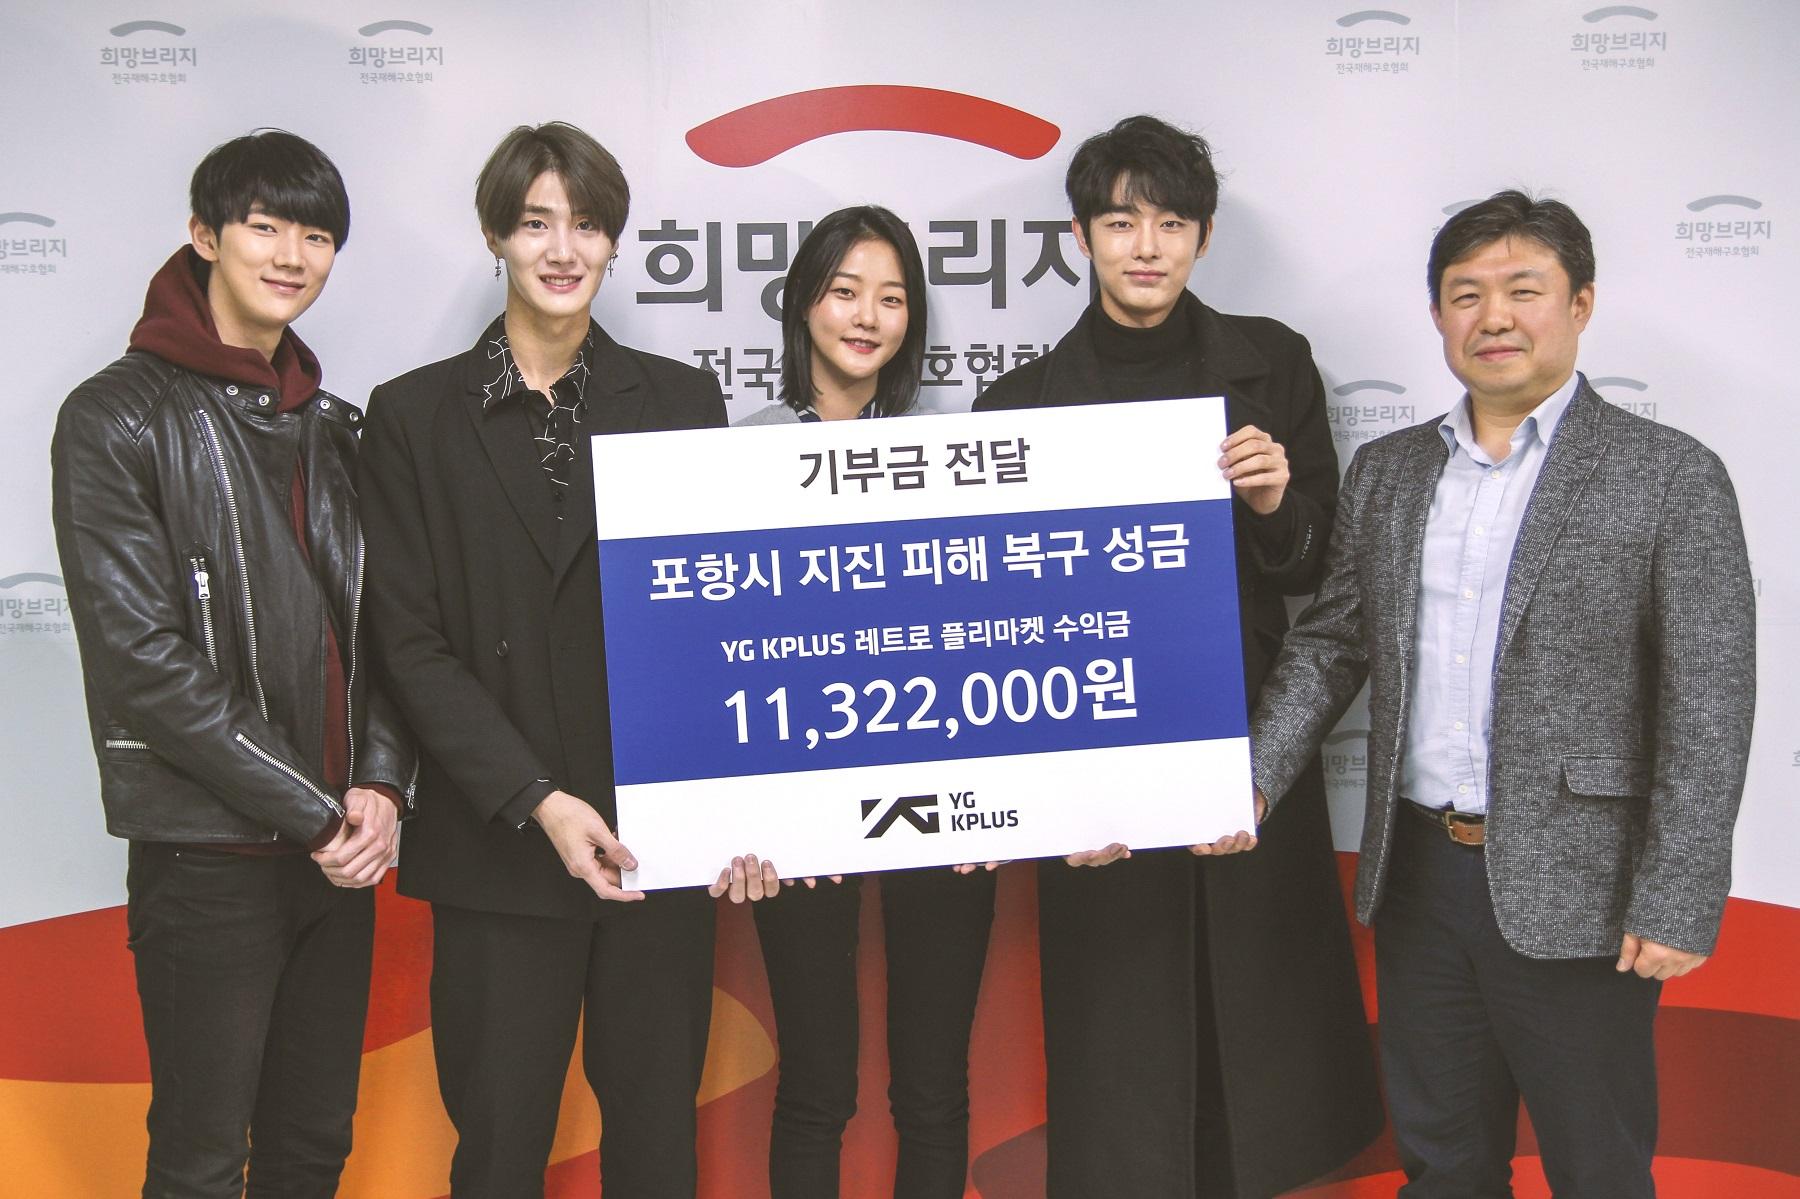 '희망과 용기를 담아' YG 케이플러스, 포항 지진 피해 이재민 구호 성금 전달!